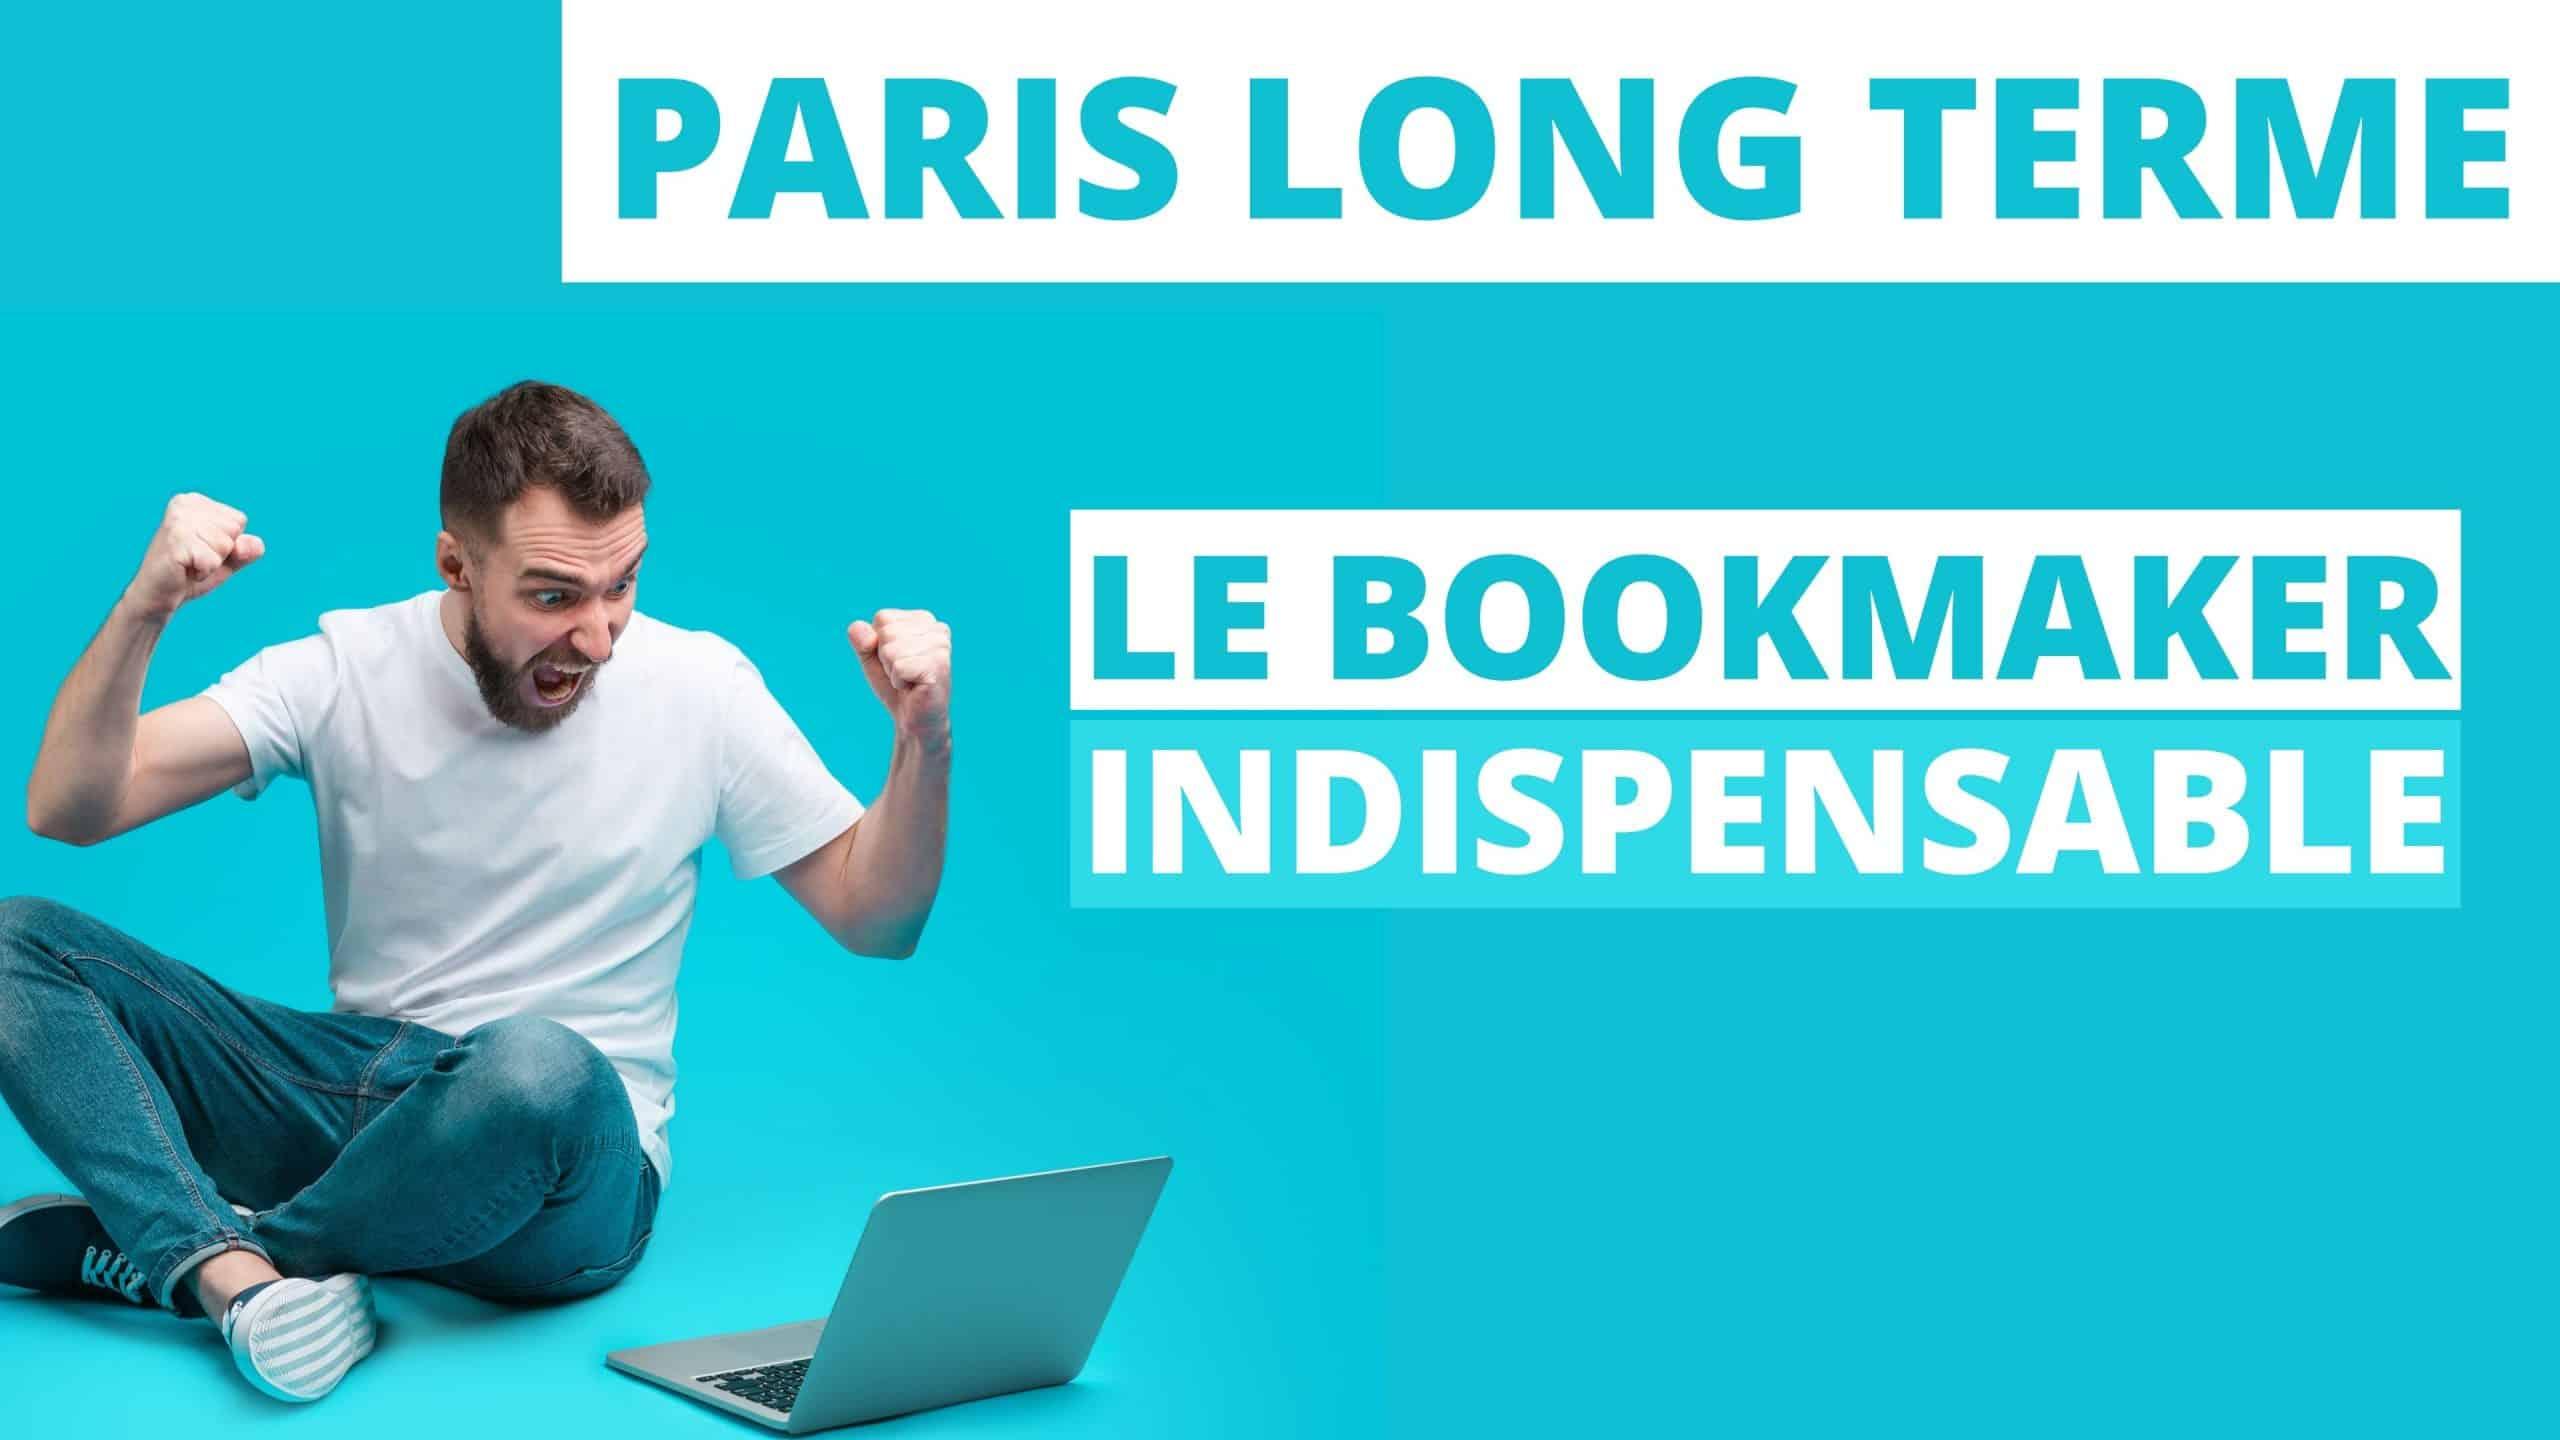 PARI LONG TERME : LE BOOKMAKER INDISPENSABLE